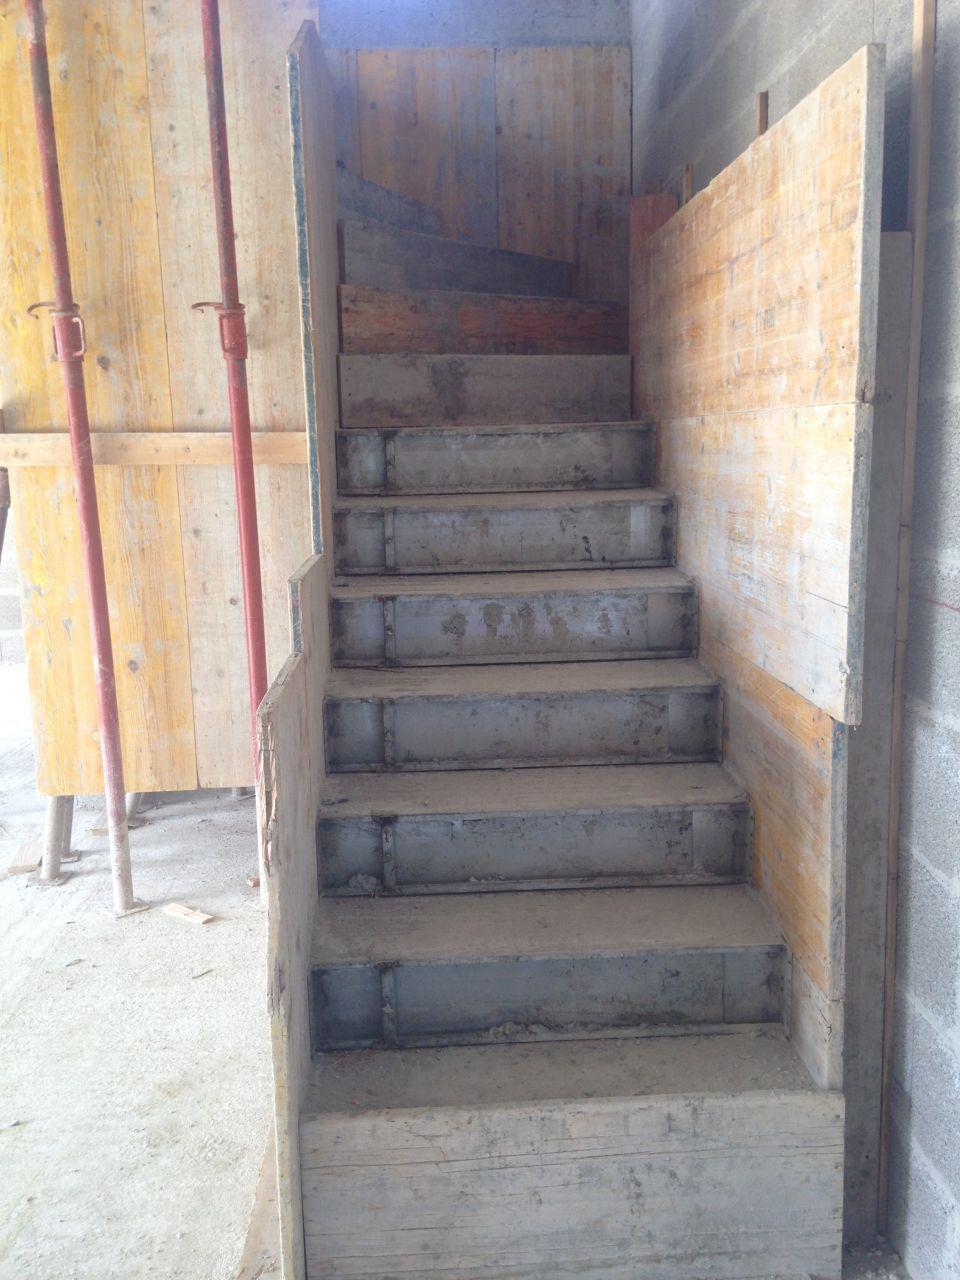 Escalier droit + 1/4 de tour à gauche